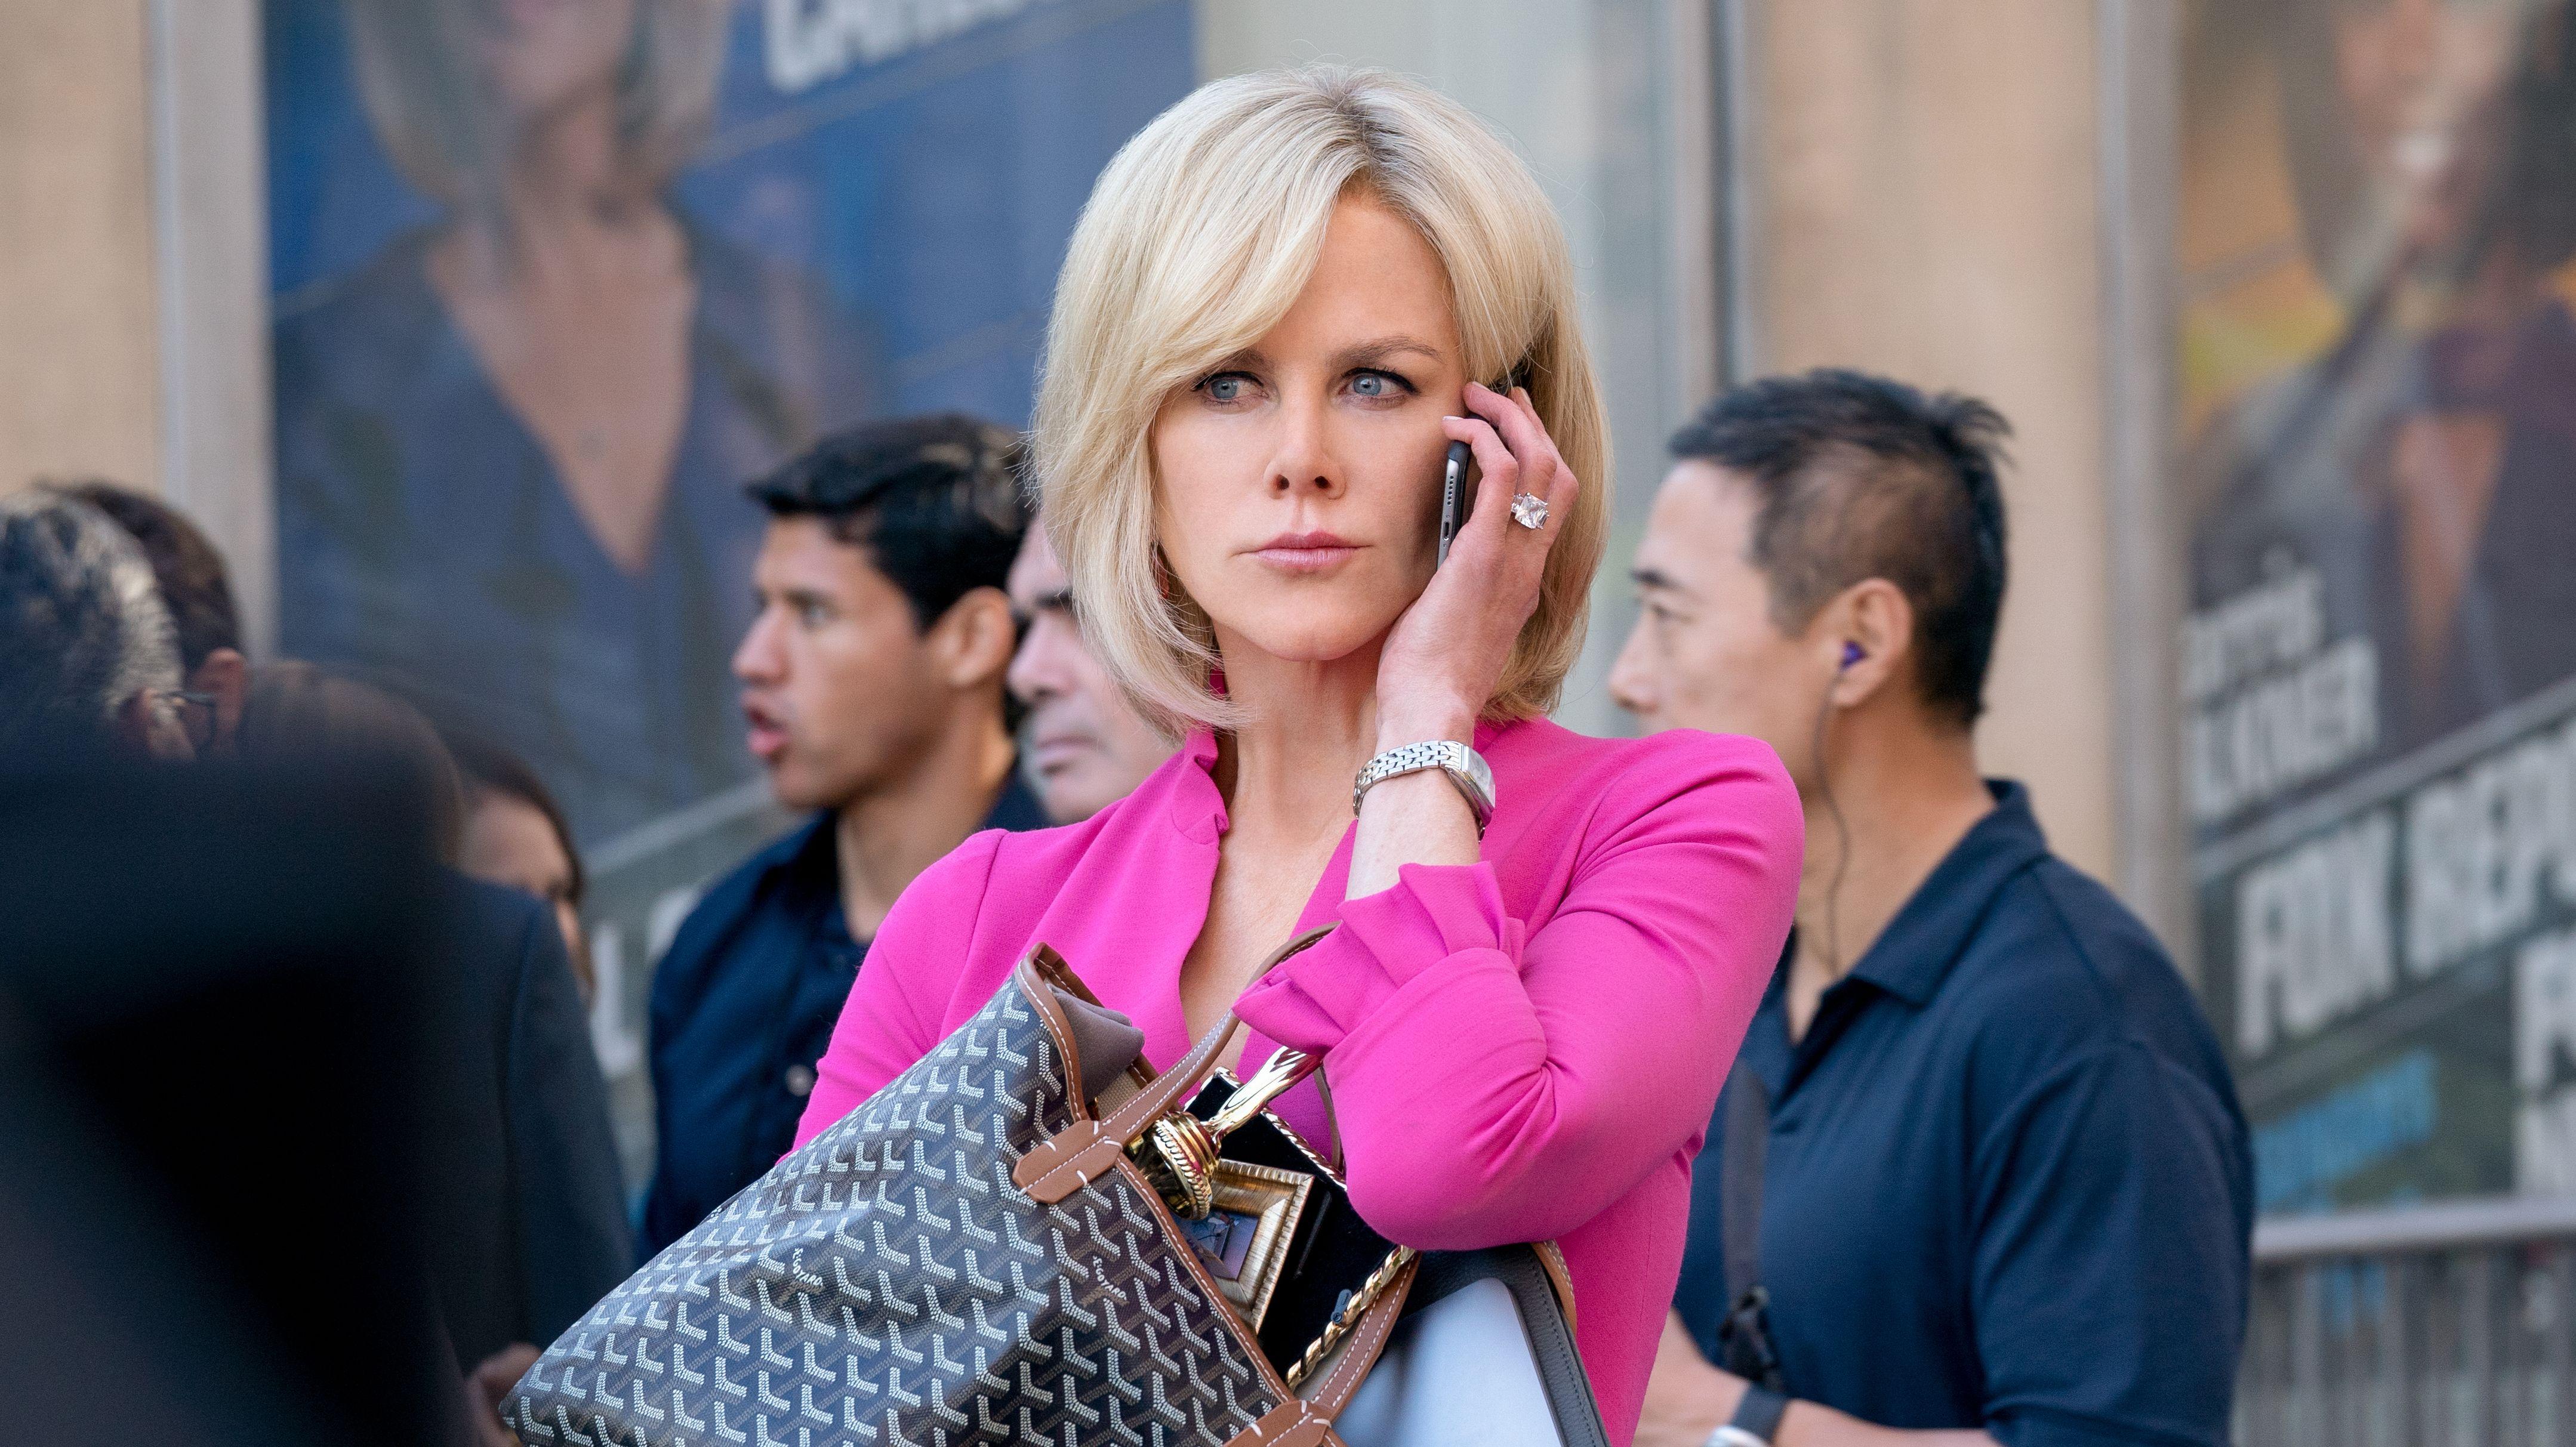 """In der Rolle der Gretchen Carlson telefoniert Nicole Kidman mit dem Handy in dem Film """"Bombshell"""""""